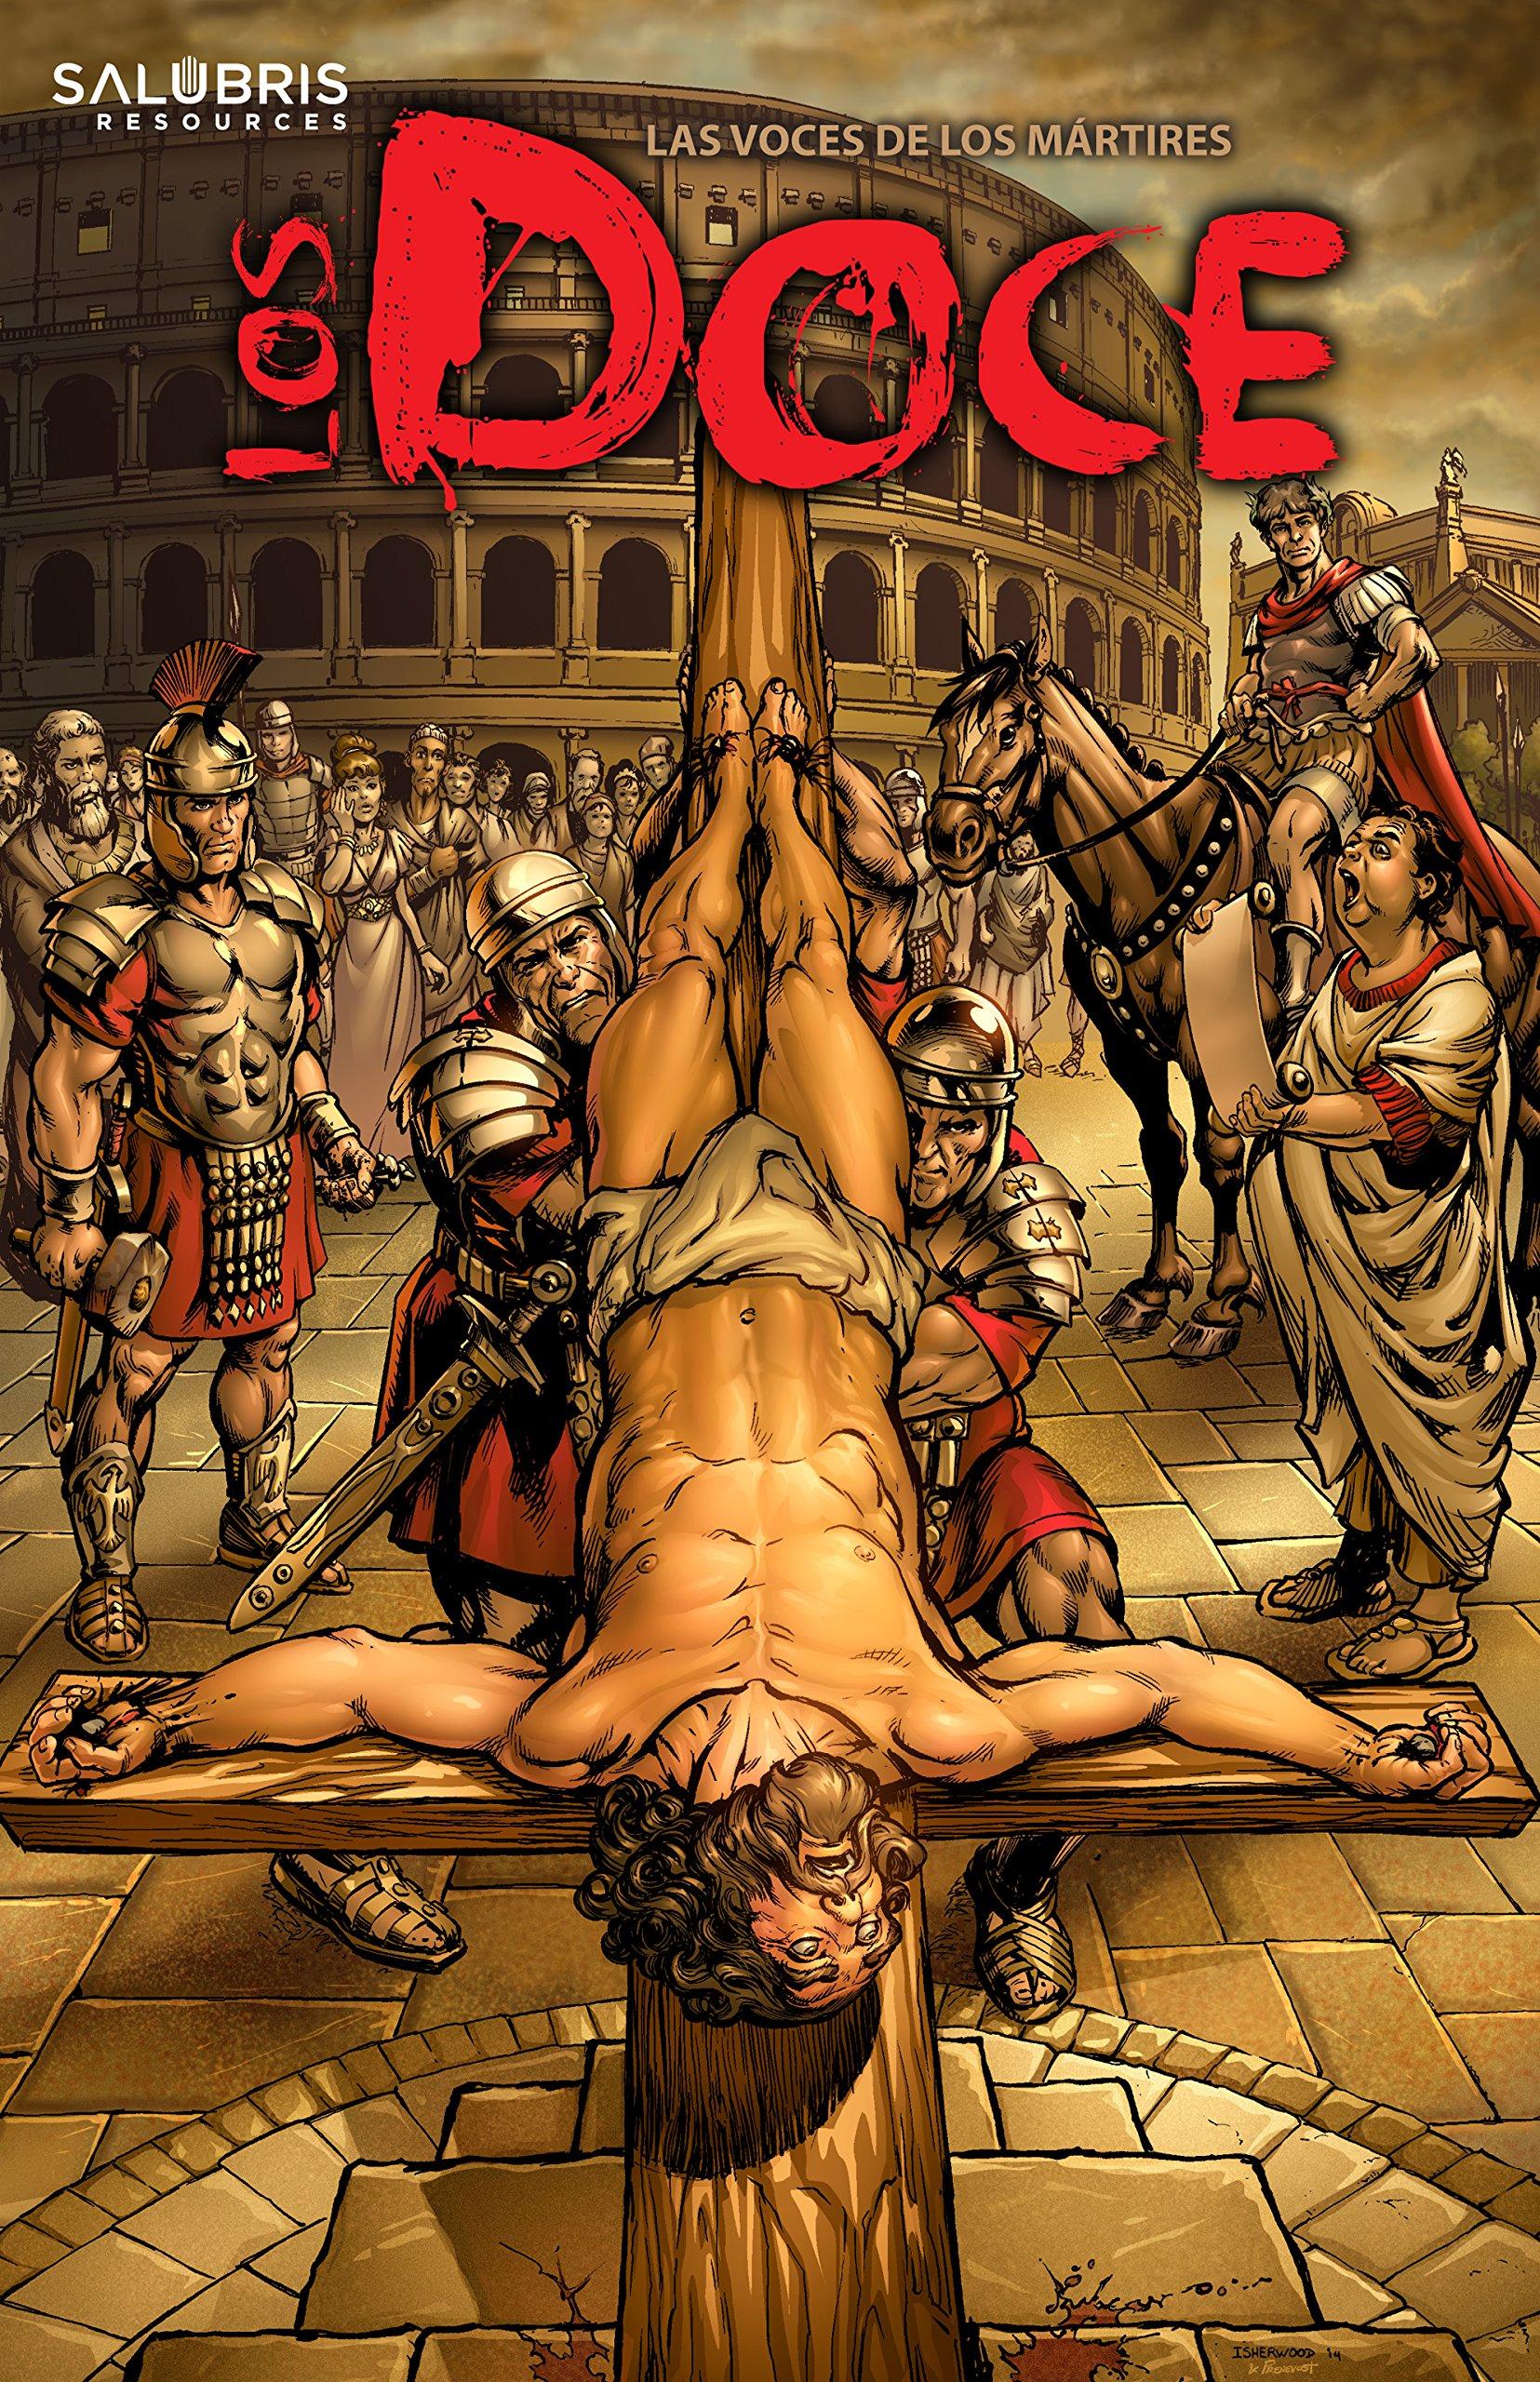 Serie:Los Doce Las voces de los mártires